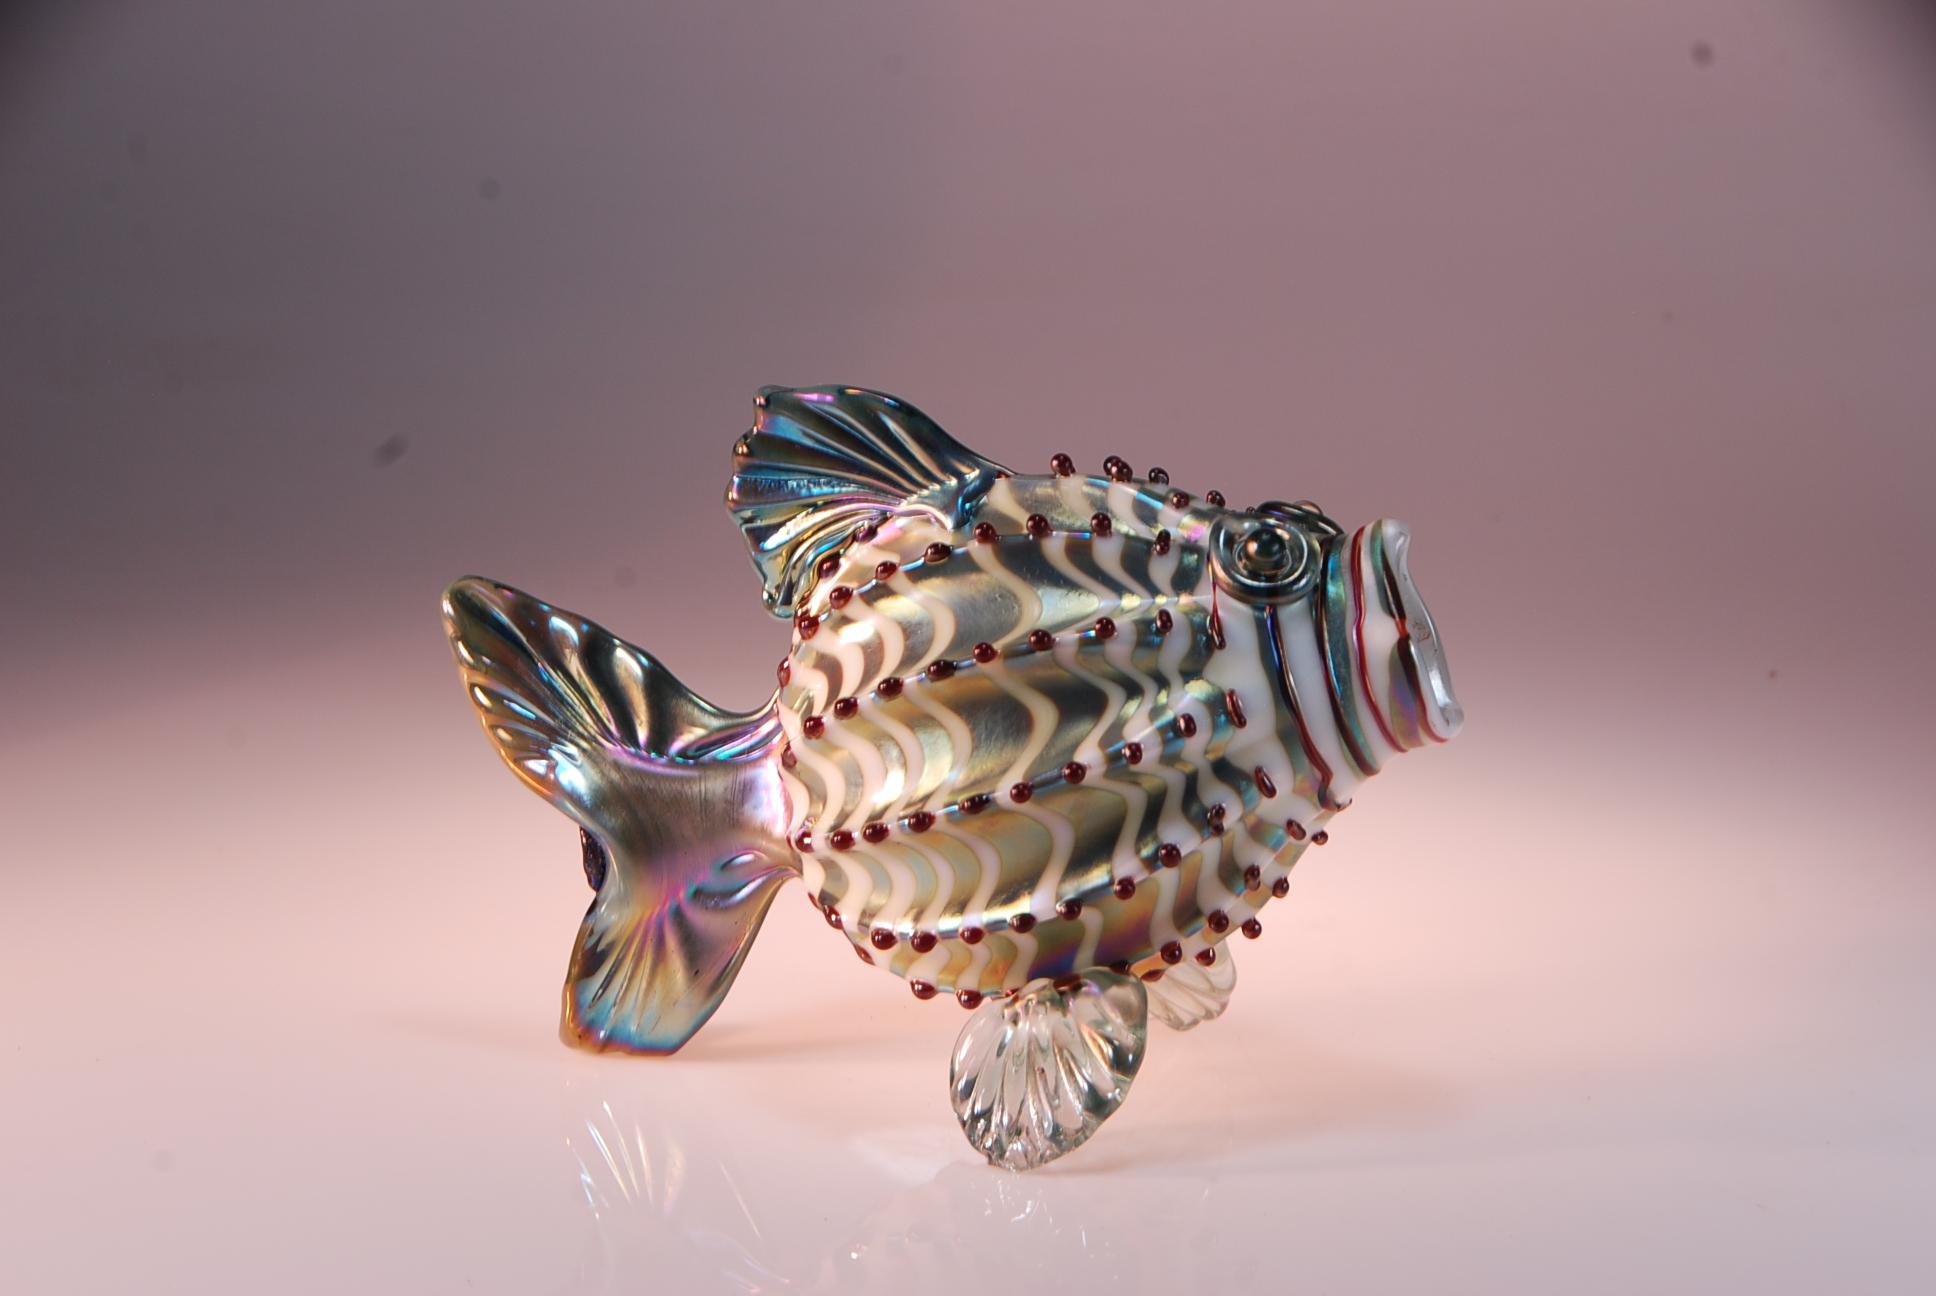 White Opal fish